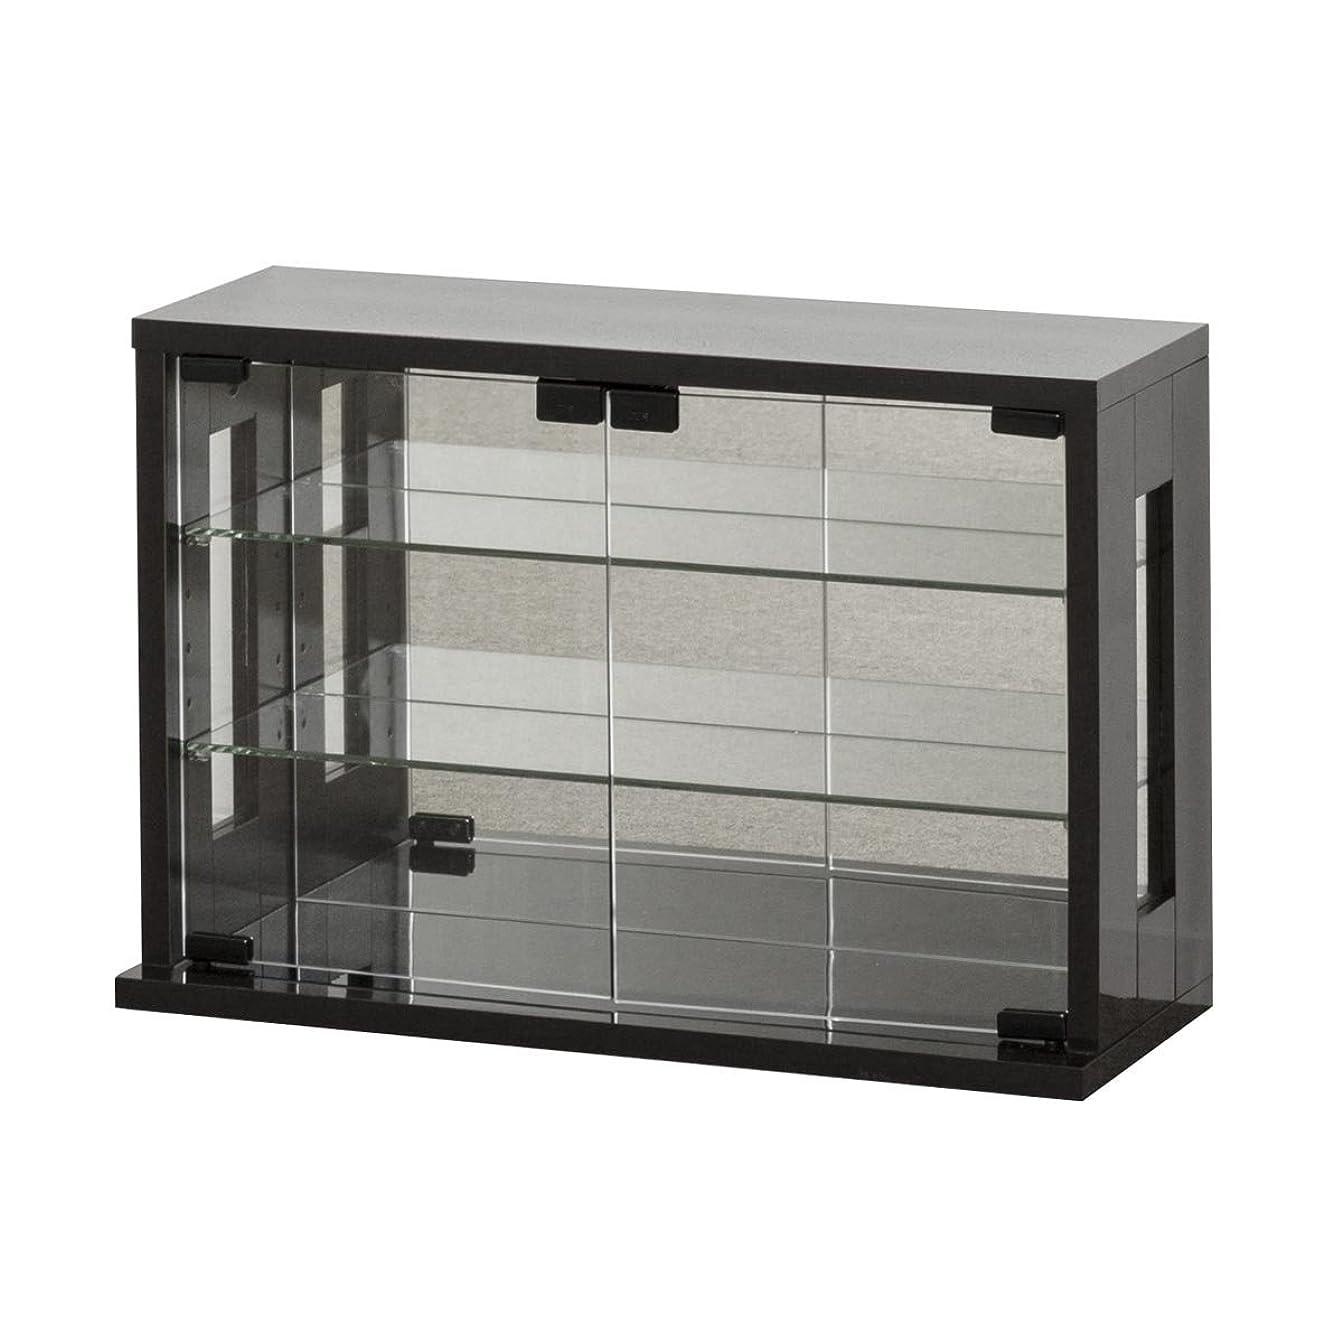 死すべき勝利したメロドラマティッククロシオ ガラスケース ダークブラウン 幅60×奥行23(20)×高さ40cm